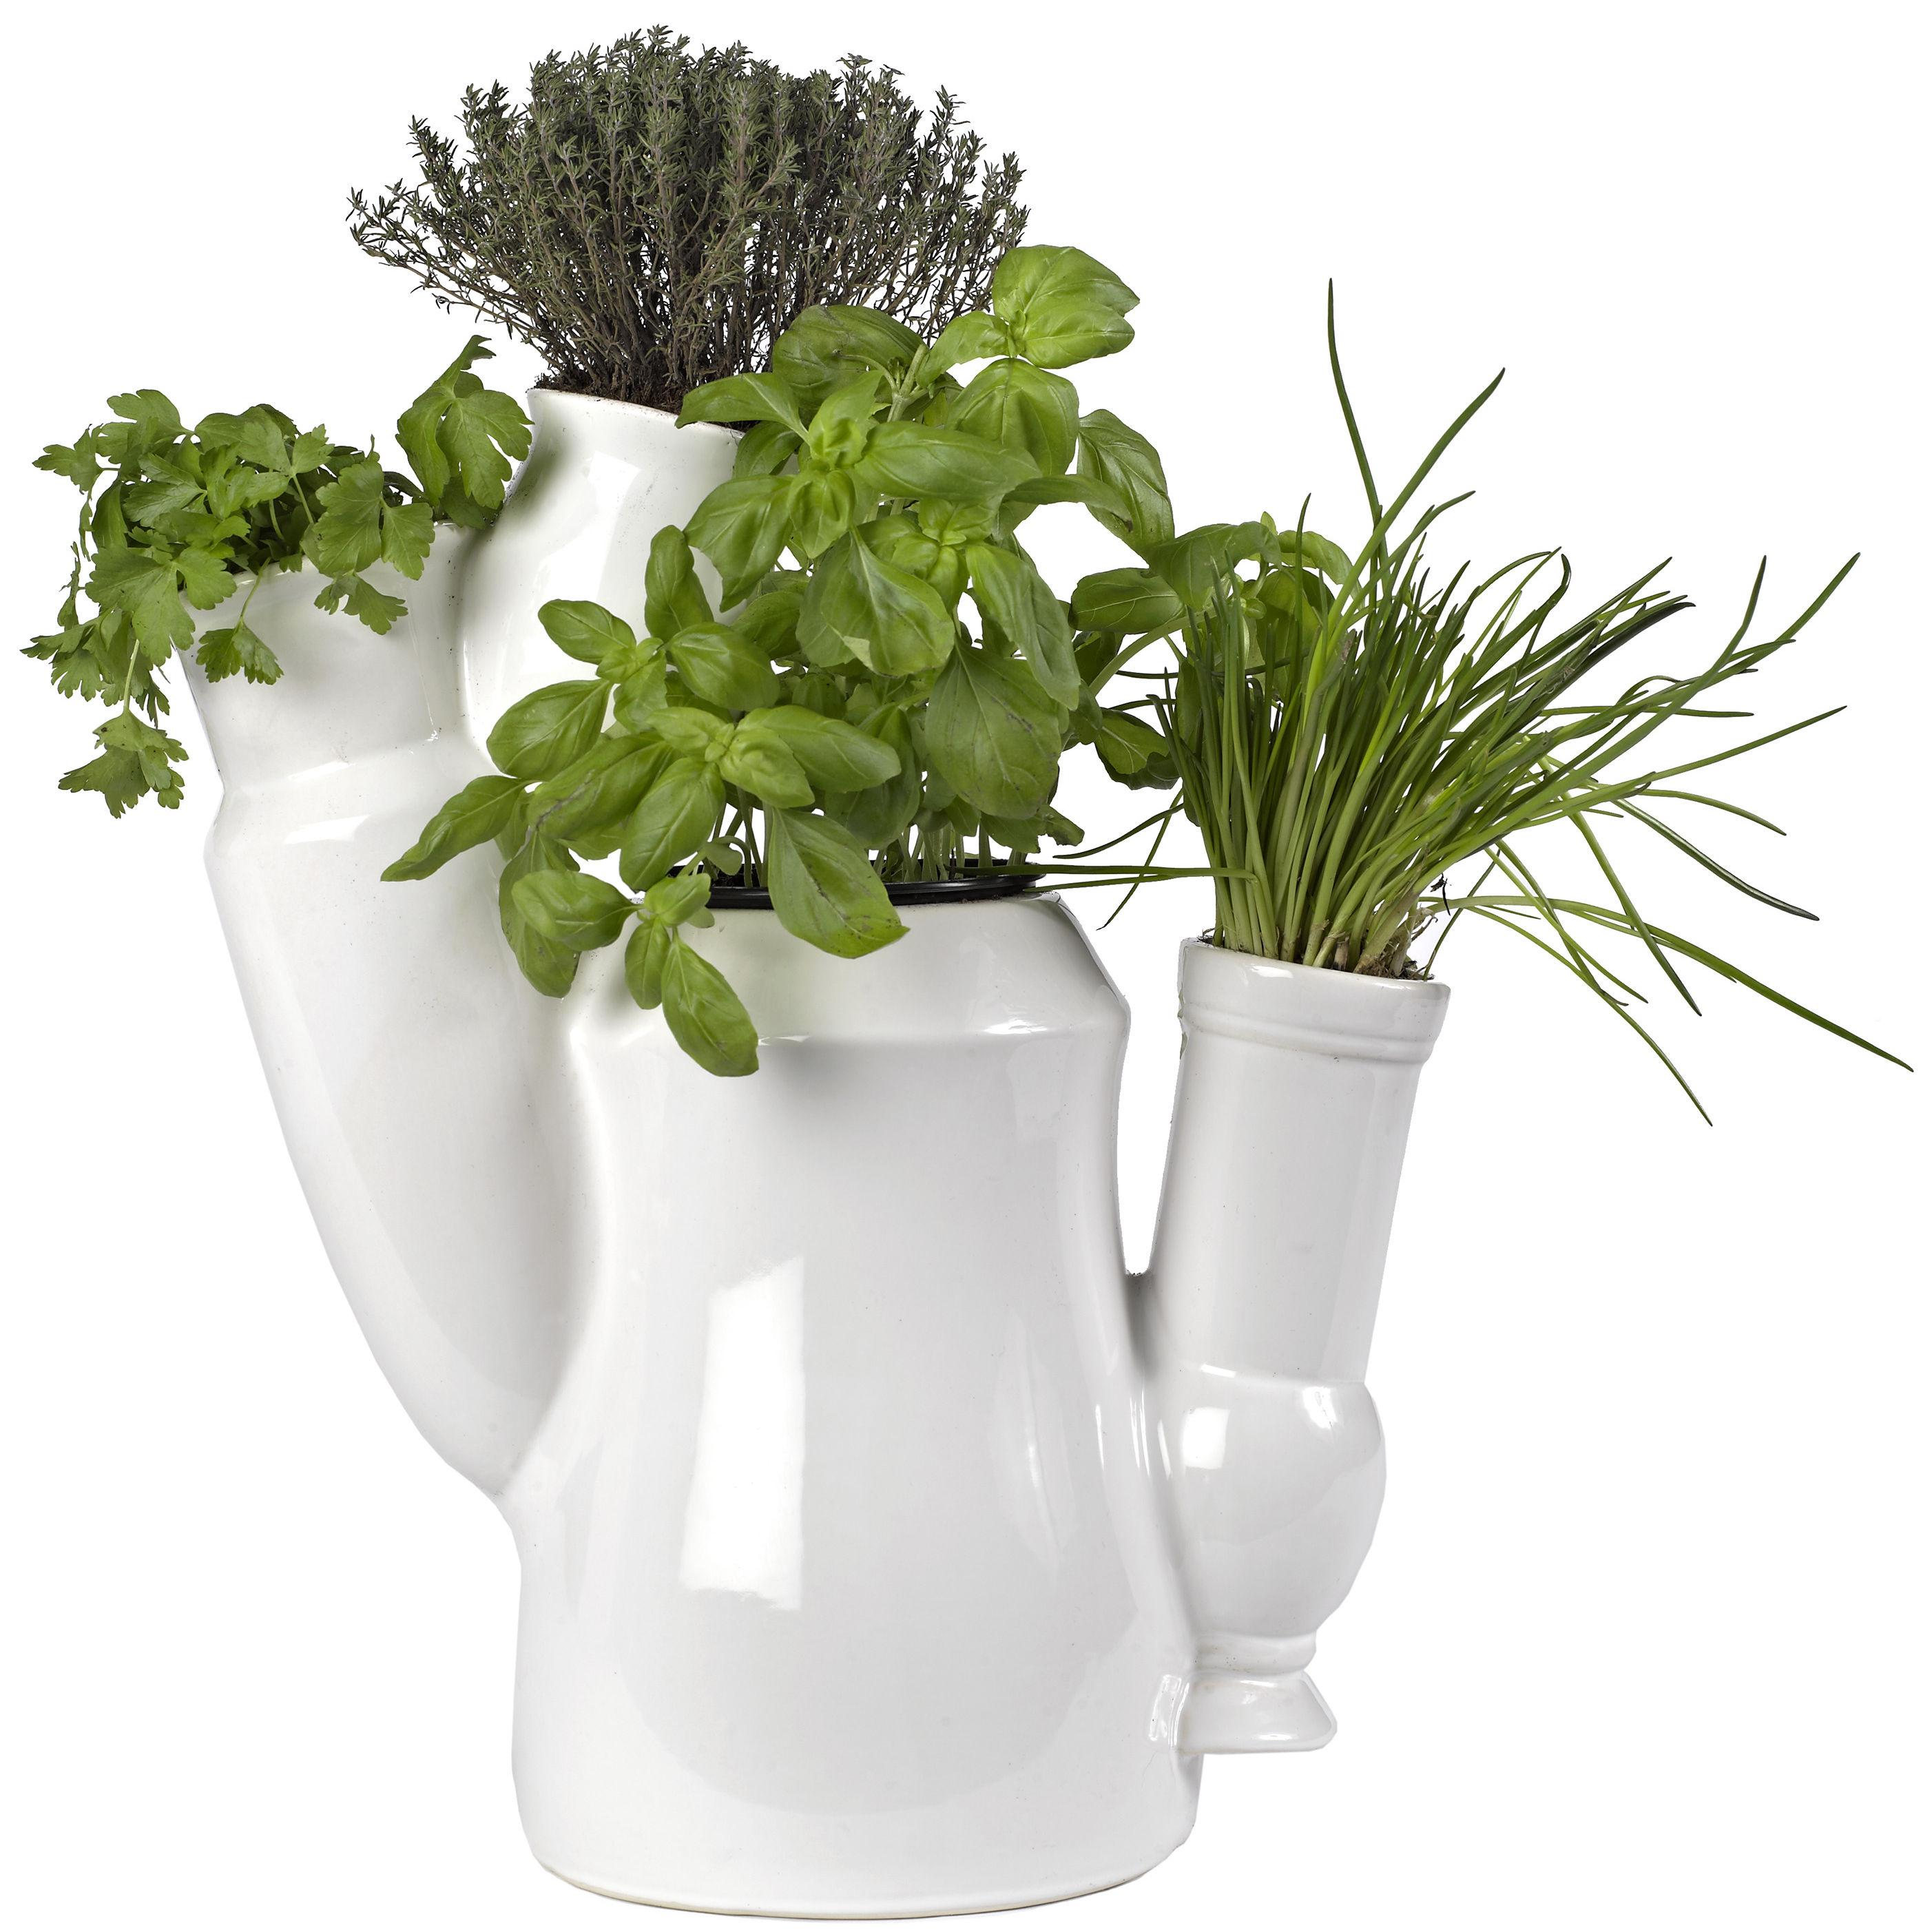 multiculti vase white by pols potten made in design uk. Black Bedroom Furniture Sets. Home Design Ideas